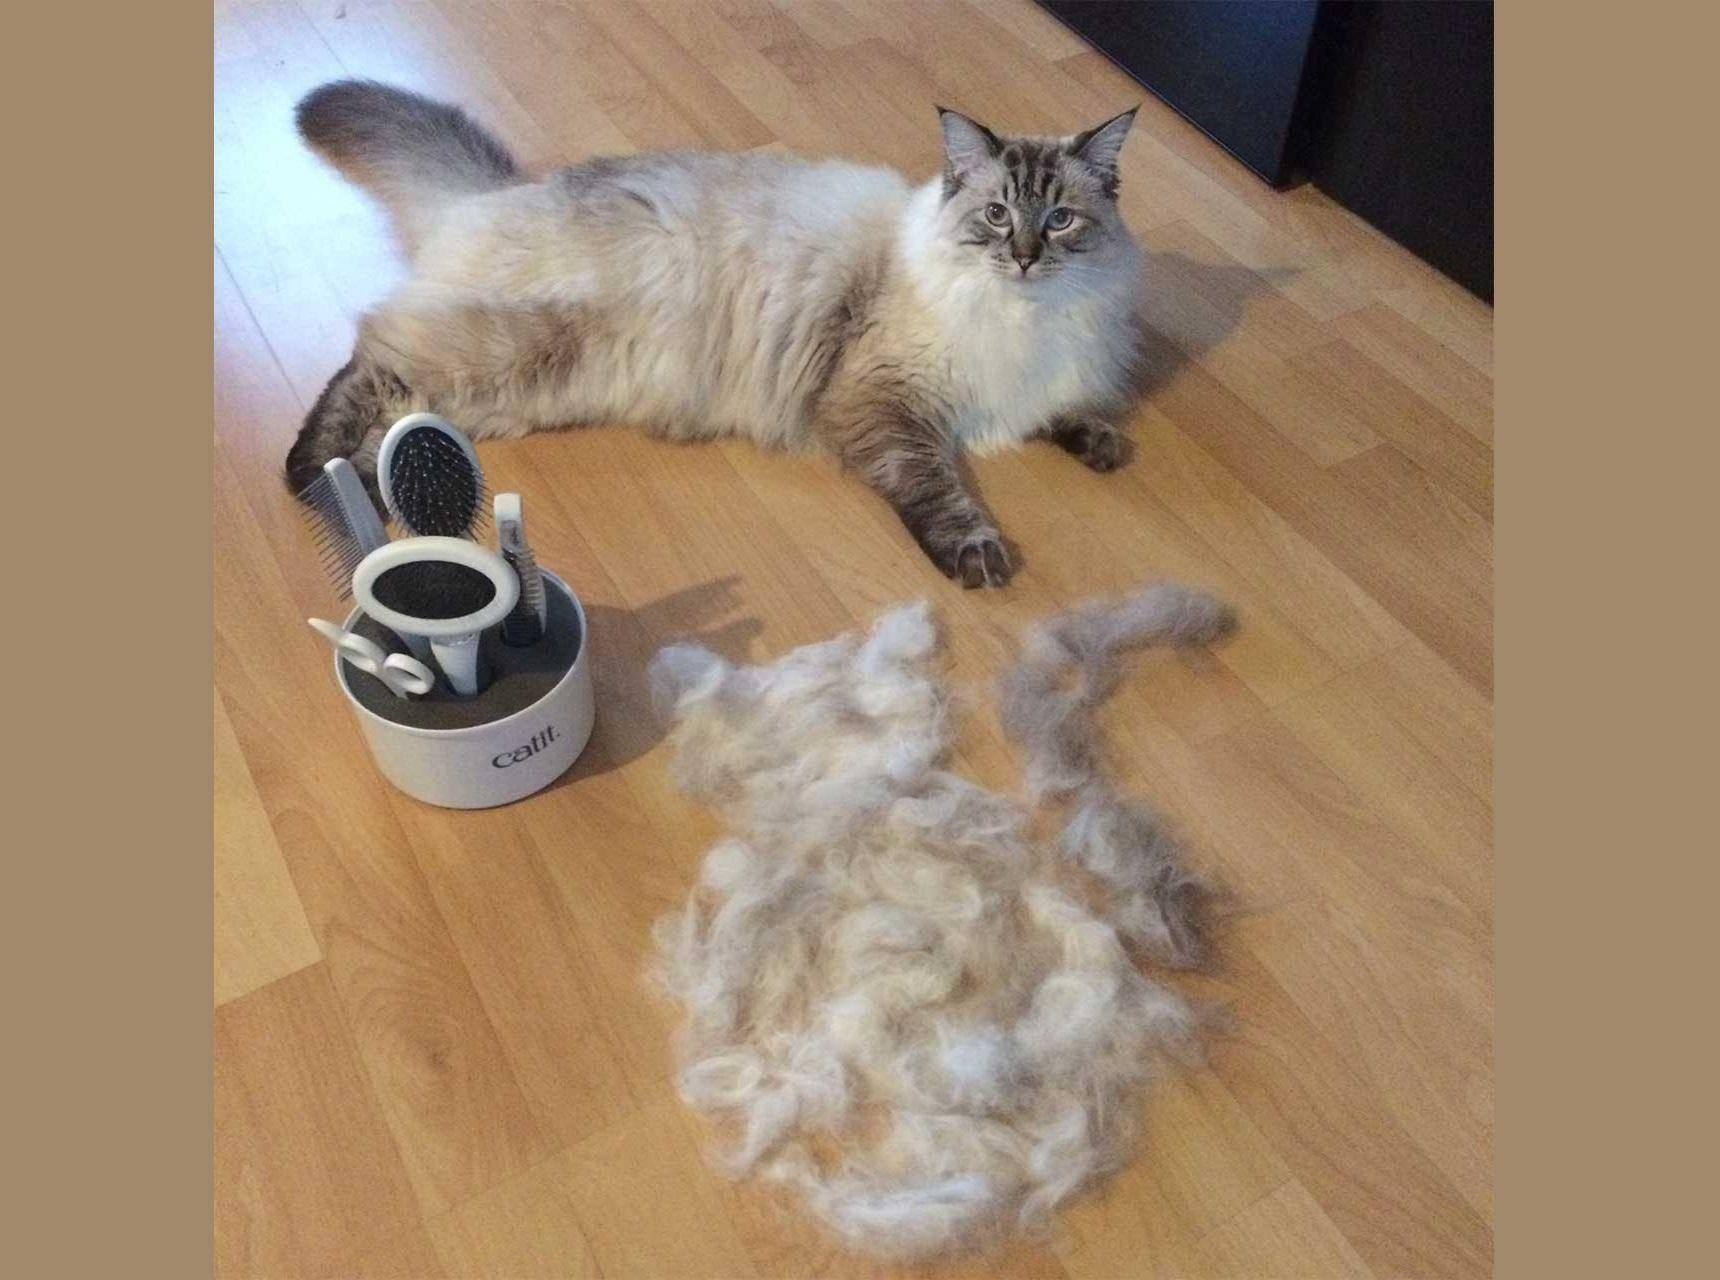 Почему кошка или кот сильно линяет и что делать, если шерсть лезет и выпадает в большом количестве у котенка и взрослого животного